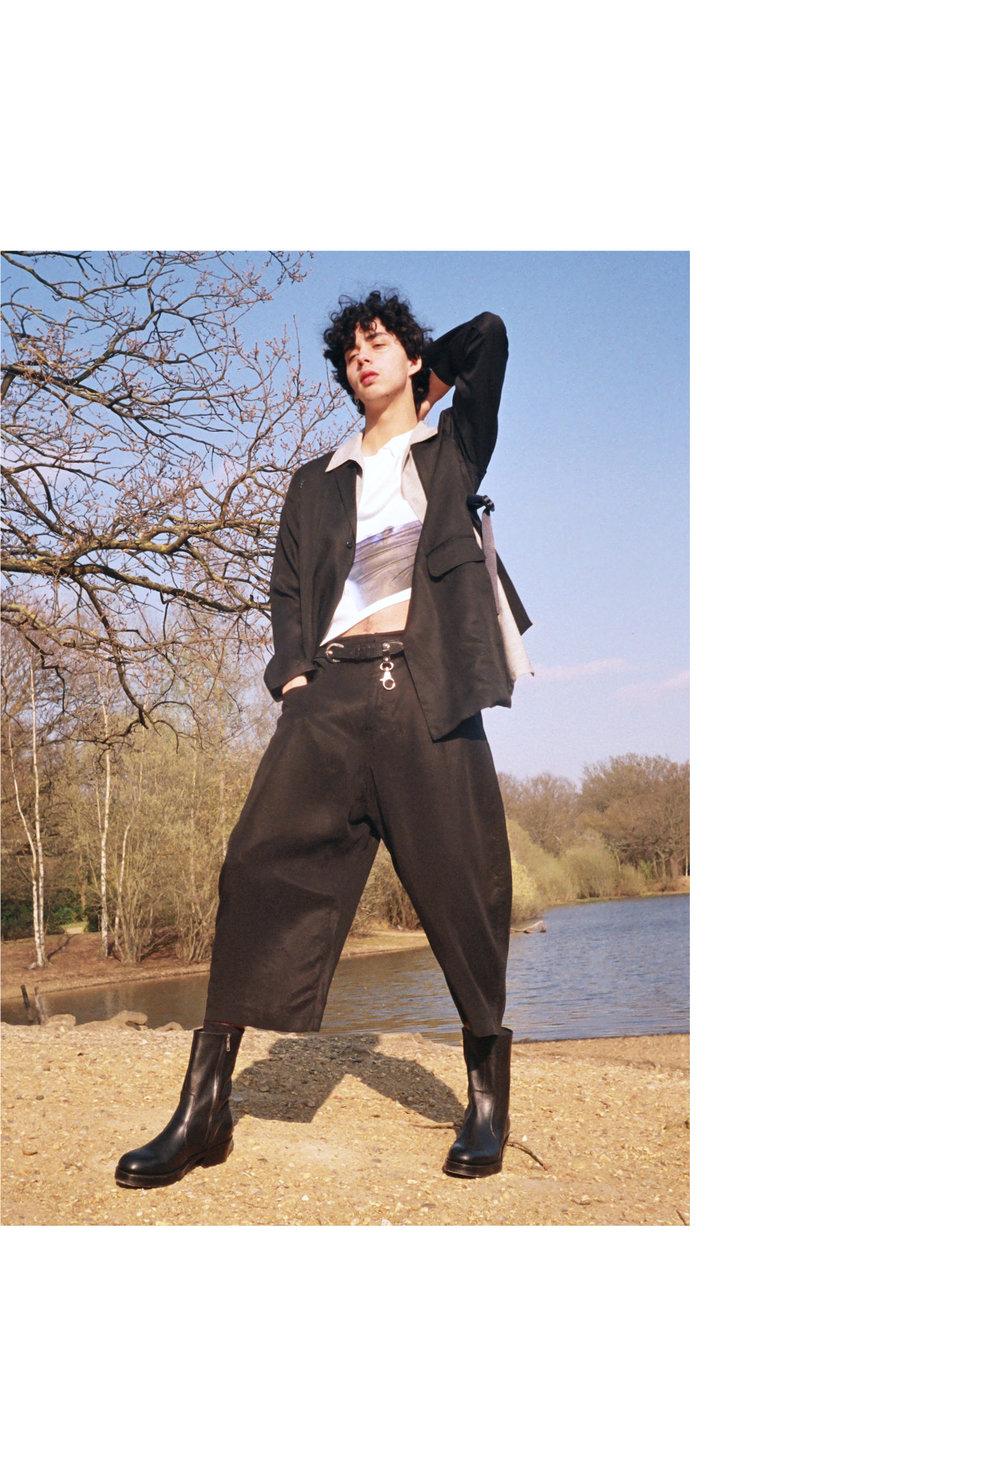 Suit & Shirt - Tourne de Transmission, T-shirt - Bianca Saunders, Belt - Martyn Bal (vintage), Boots - YMC